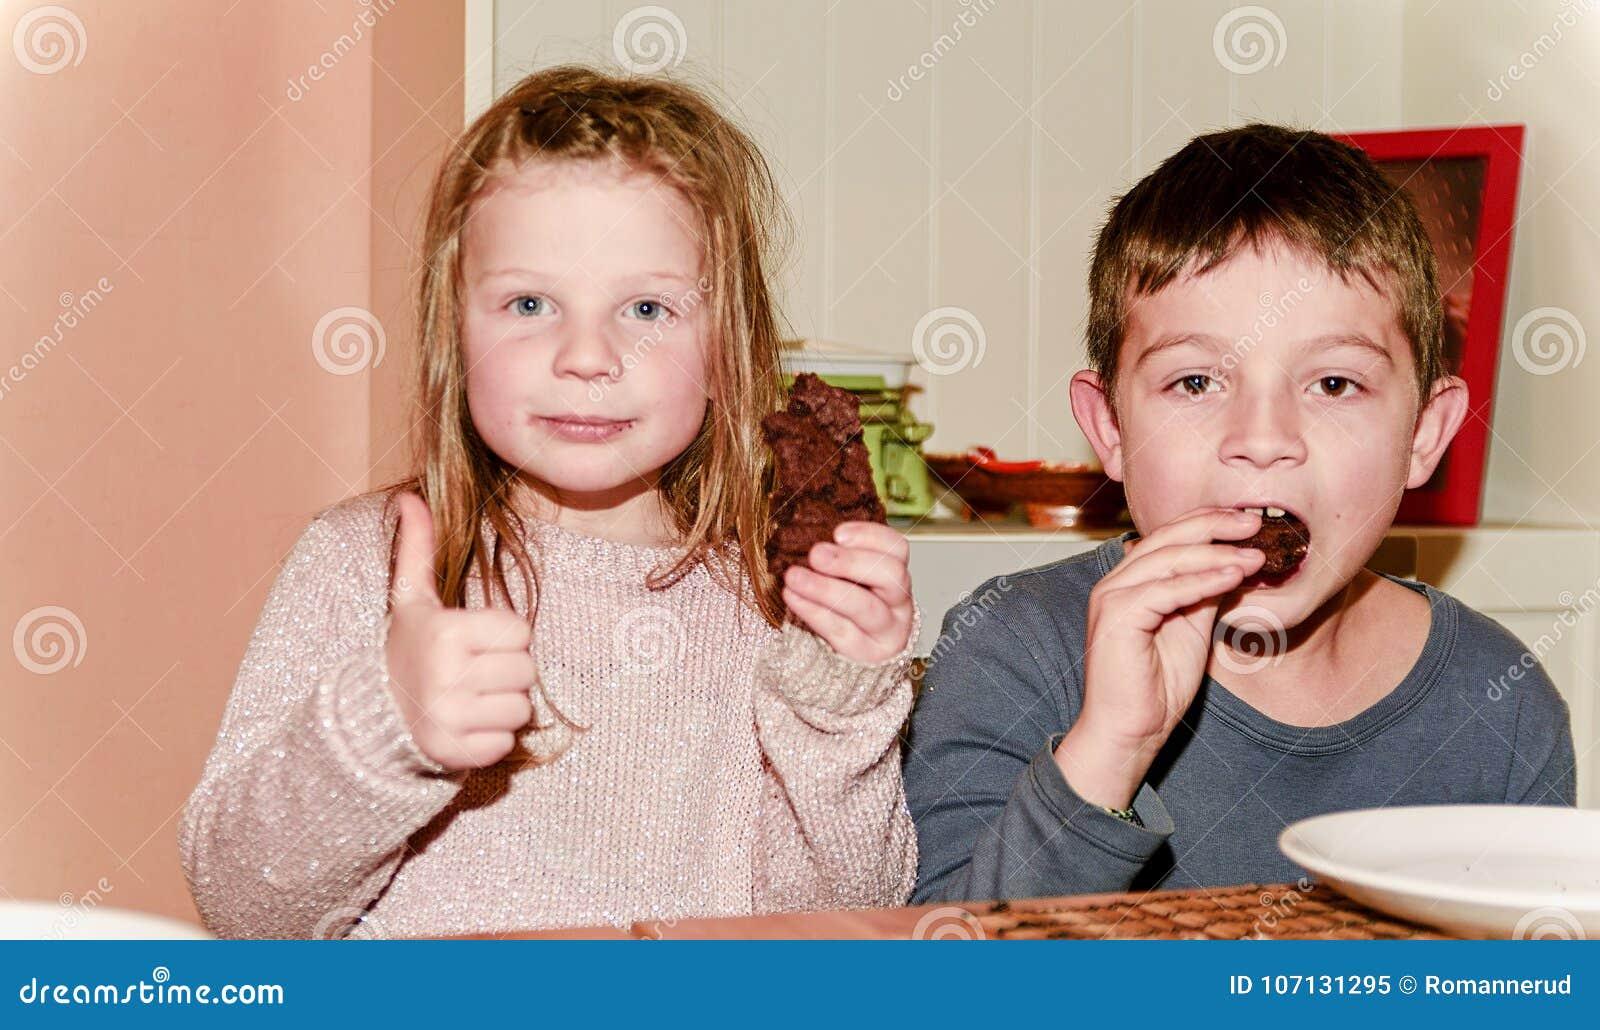 Twee kinderen eten bruin koekjesmeisje opgeeft thum Grappig en kinderenconcept Voeg warm effect toe